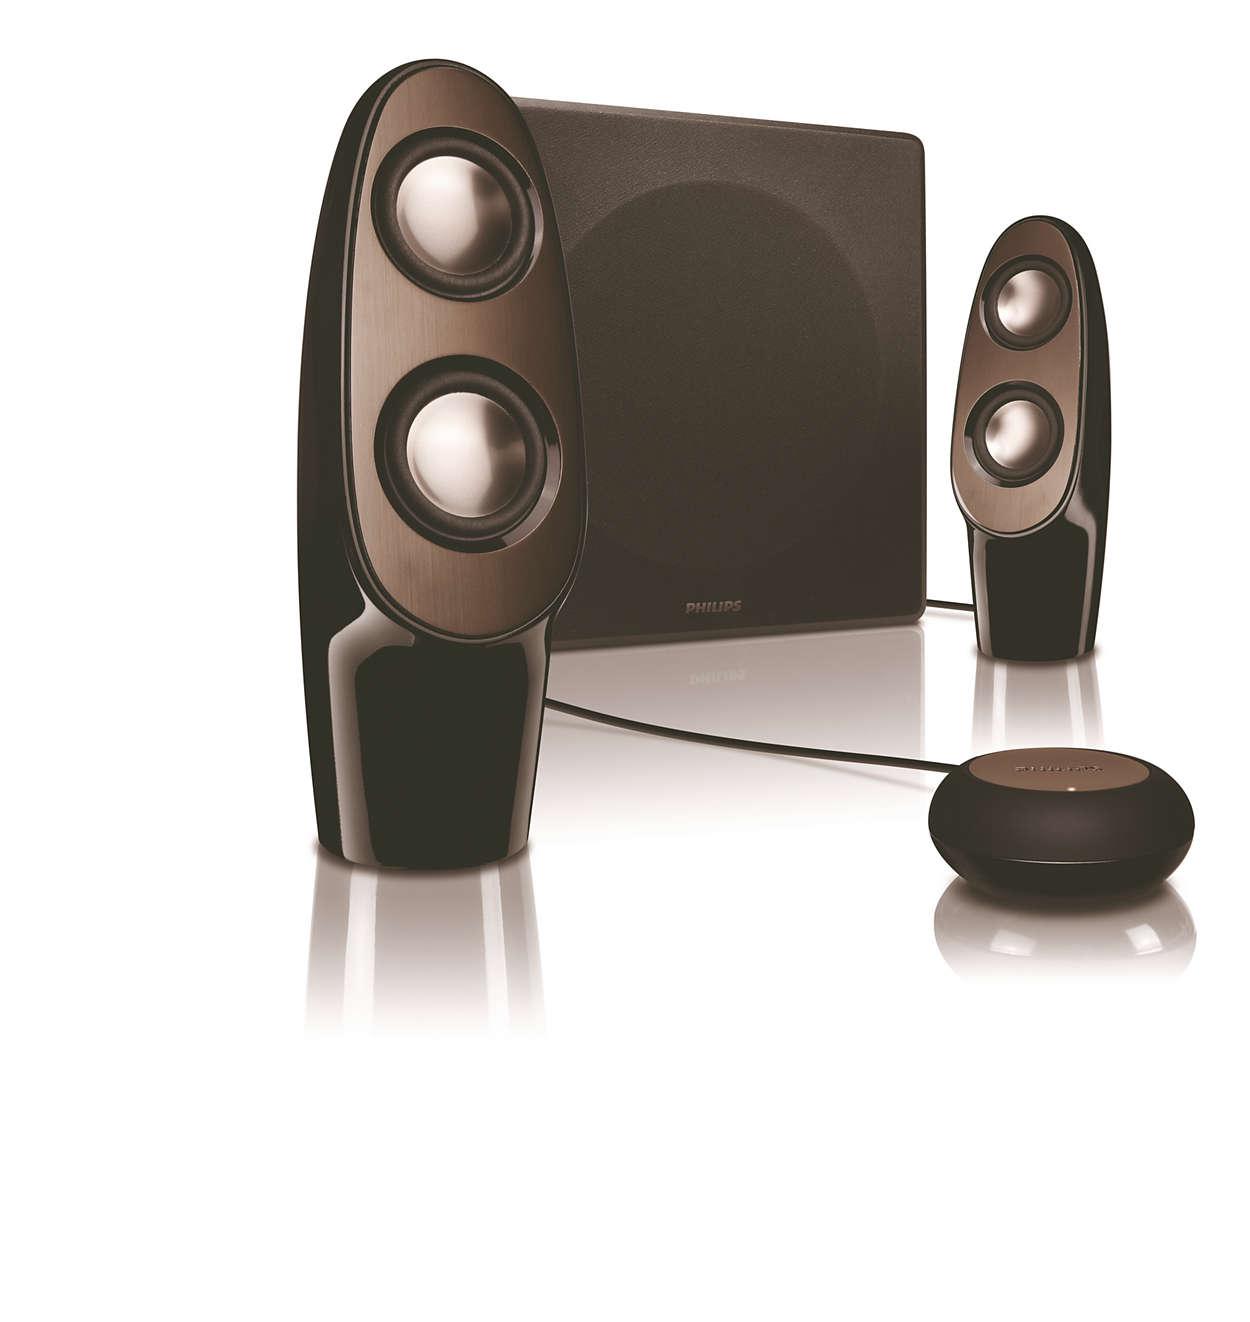 Εκπληκτικός ήχος σε συνολικό επίπεδο!